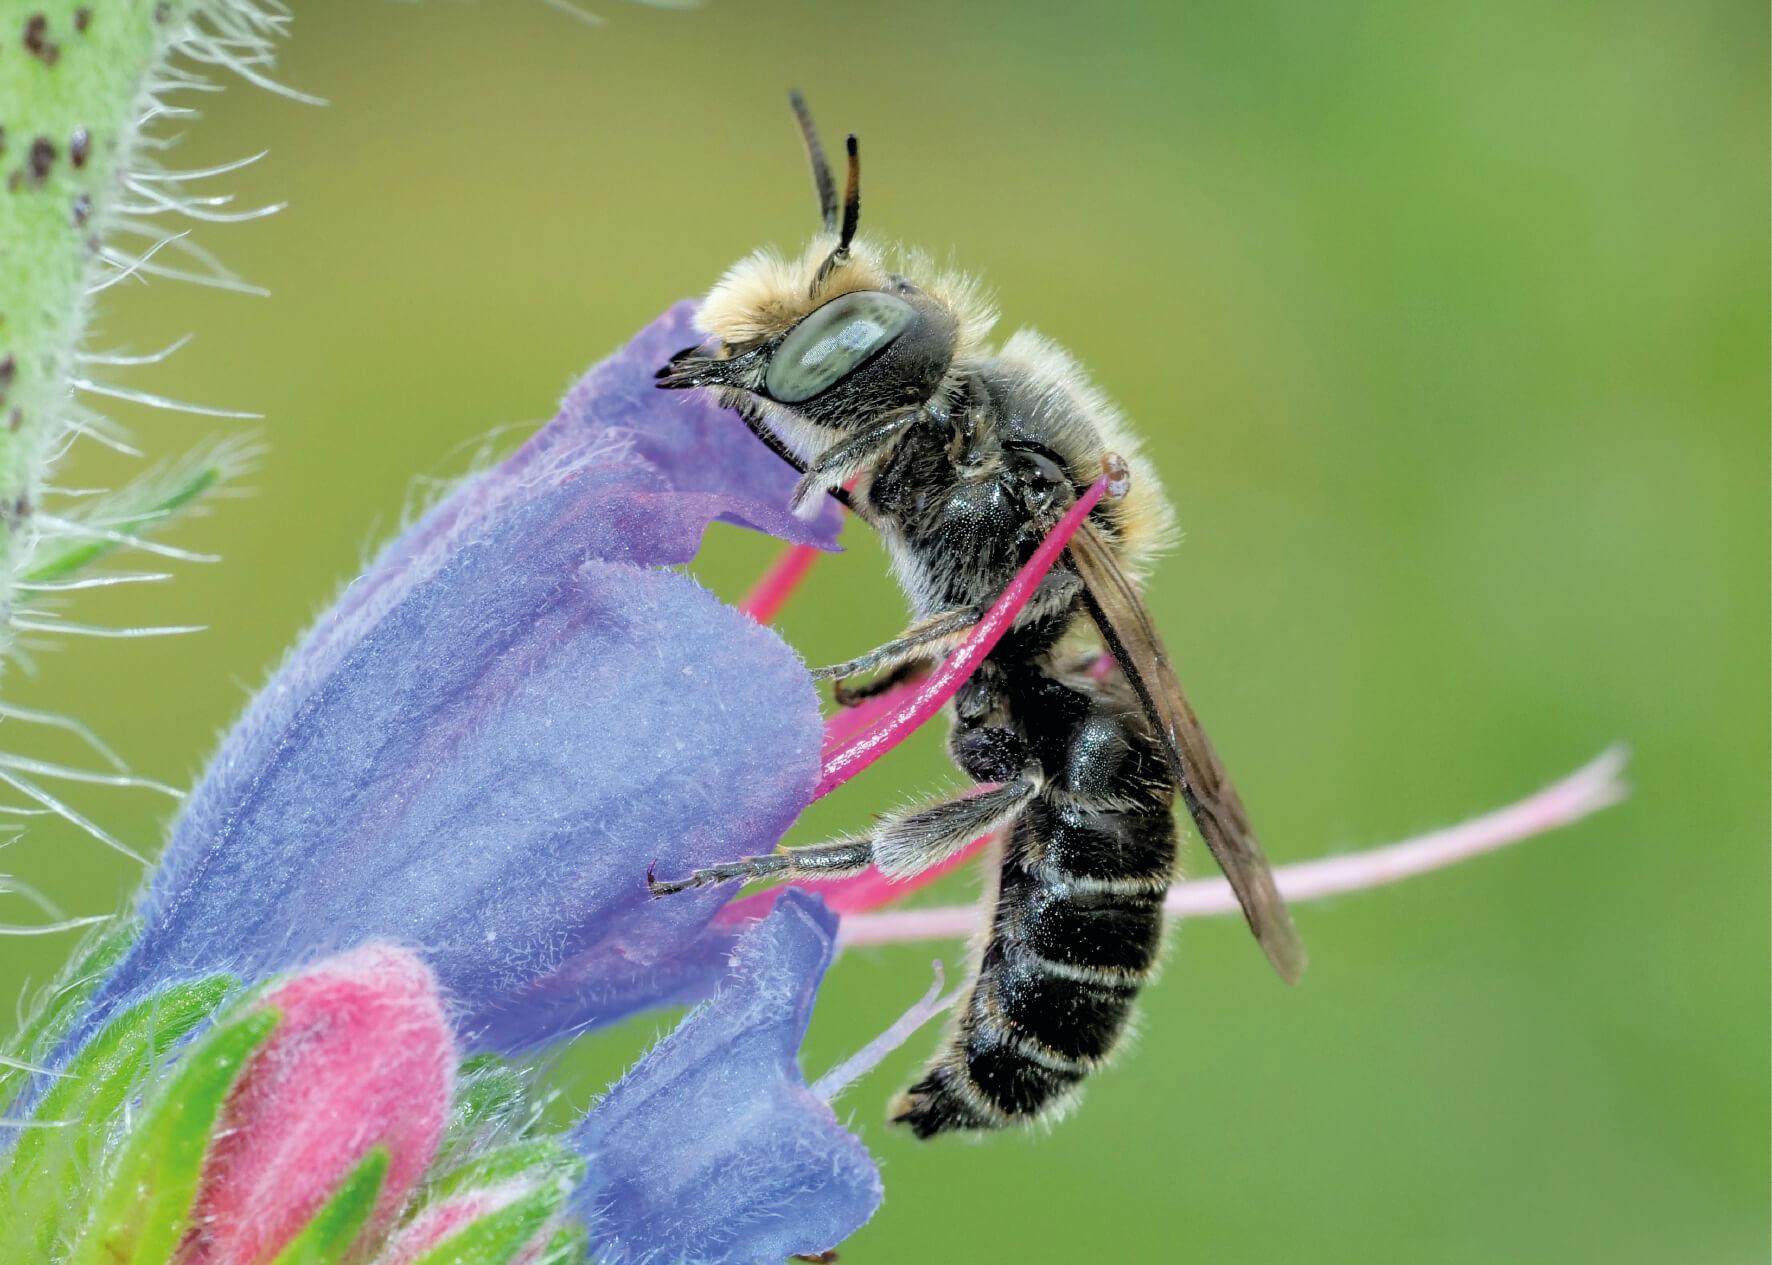 Eine Wildbiene sitzt auf einer lilafarbenen Blume (Wildbienen natürlich unterstützen).